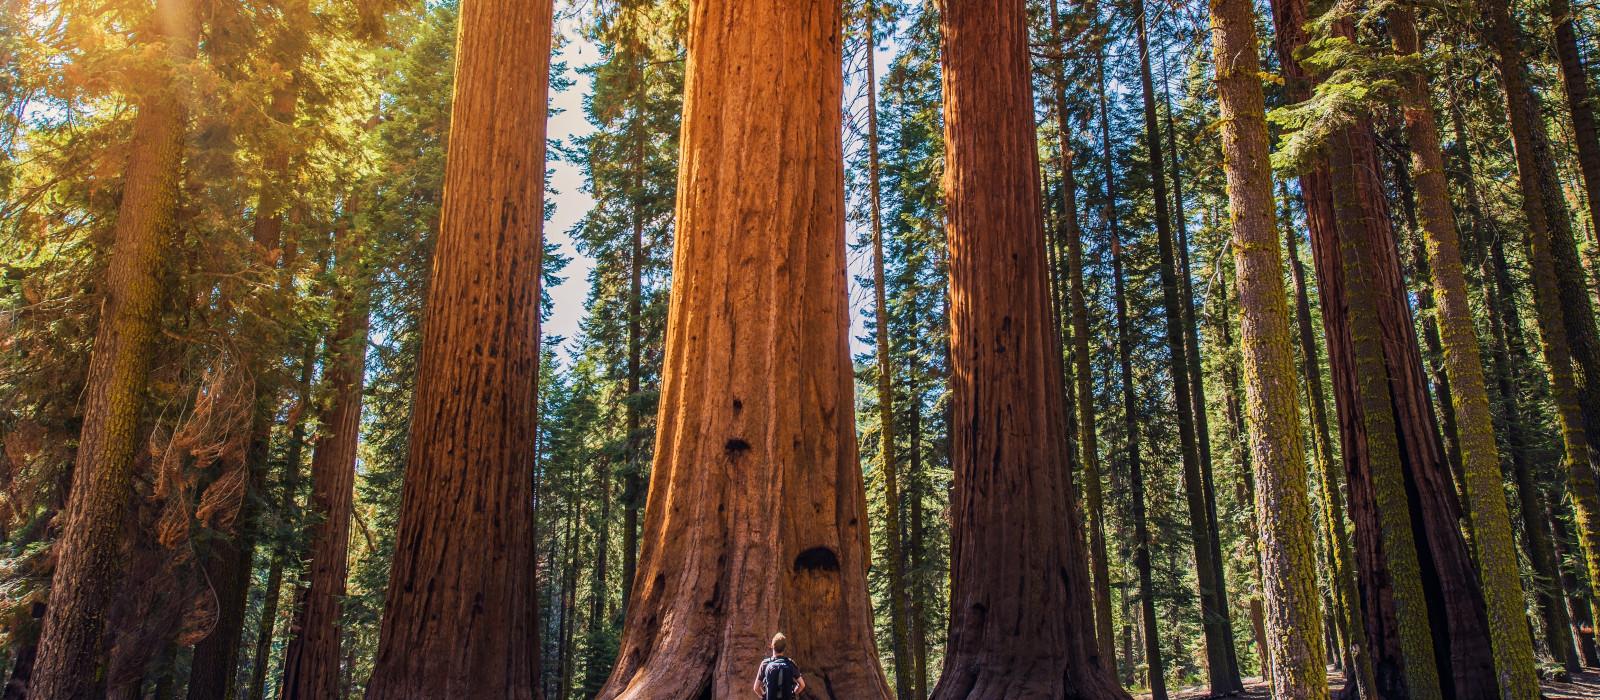 Destination Sequoia National Park USA